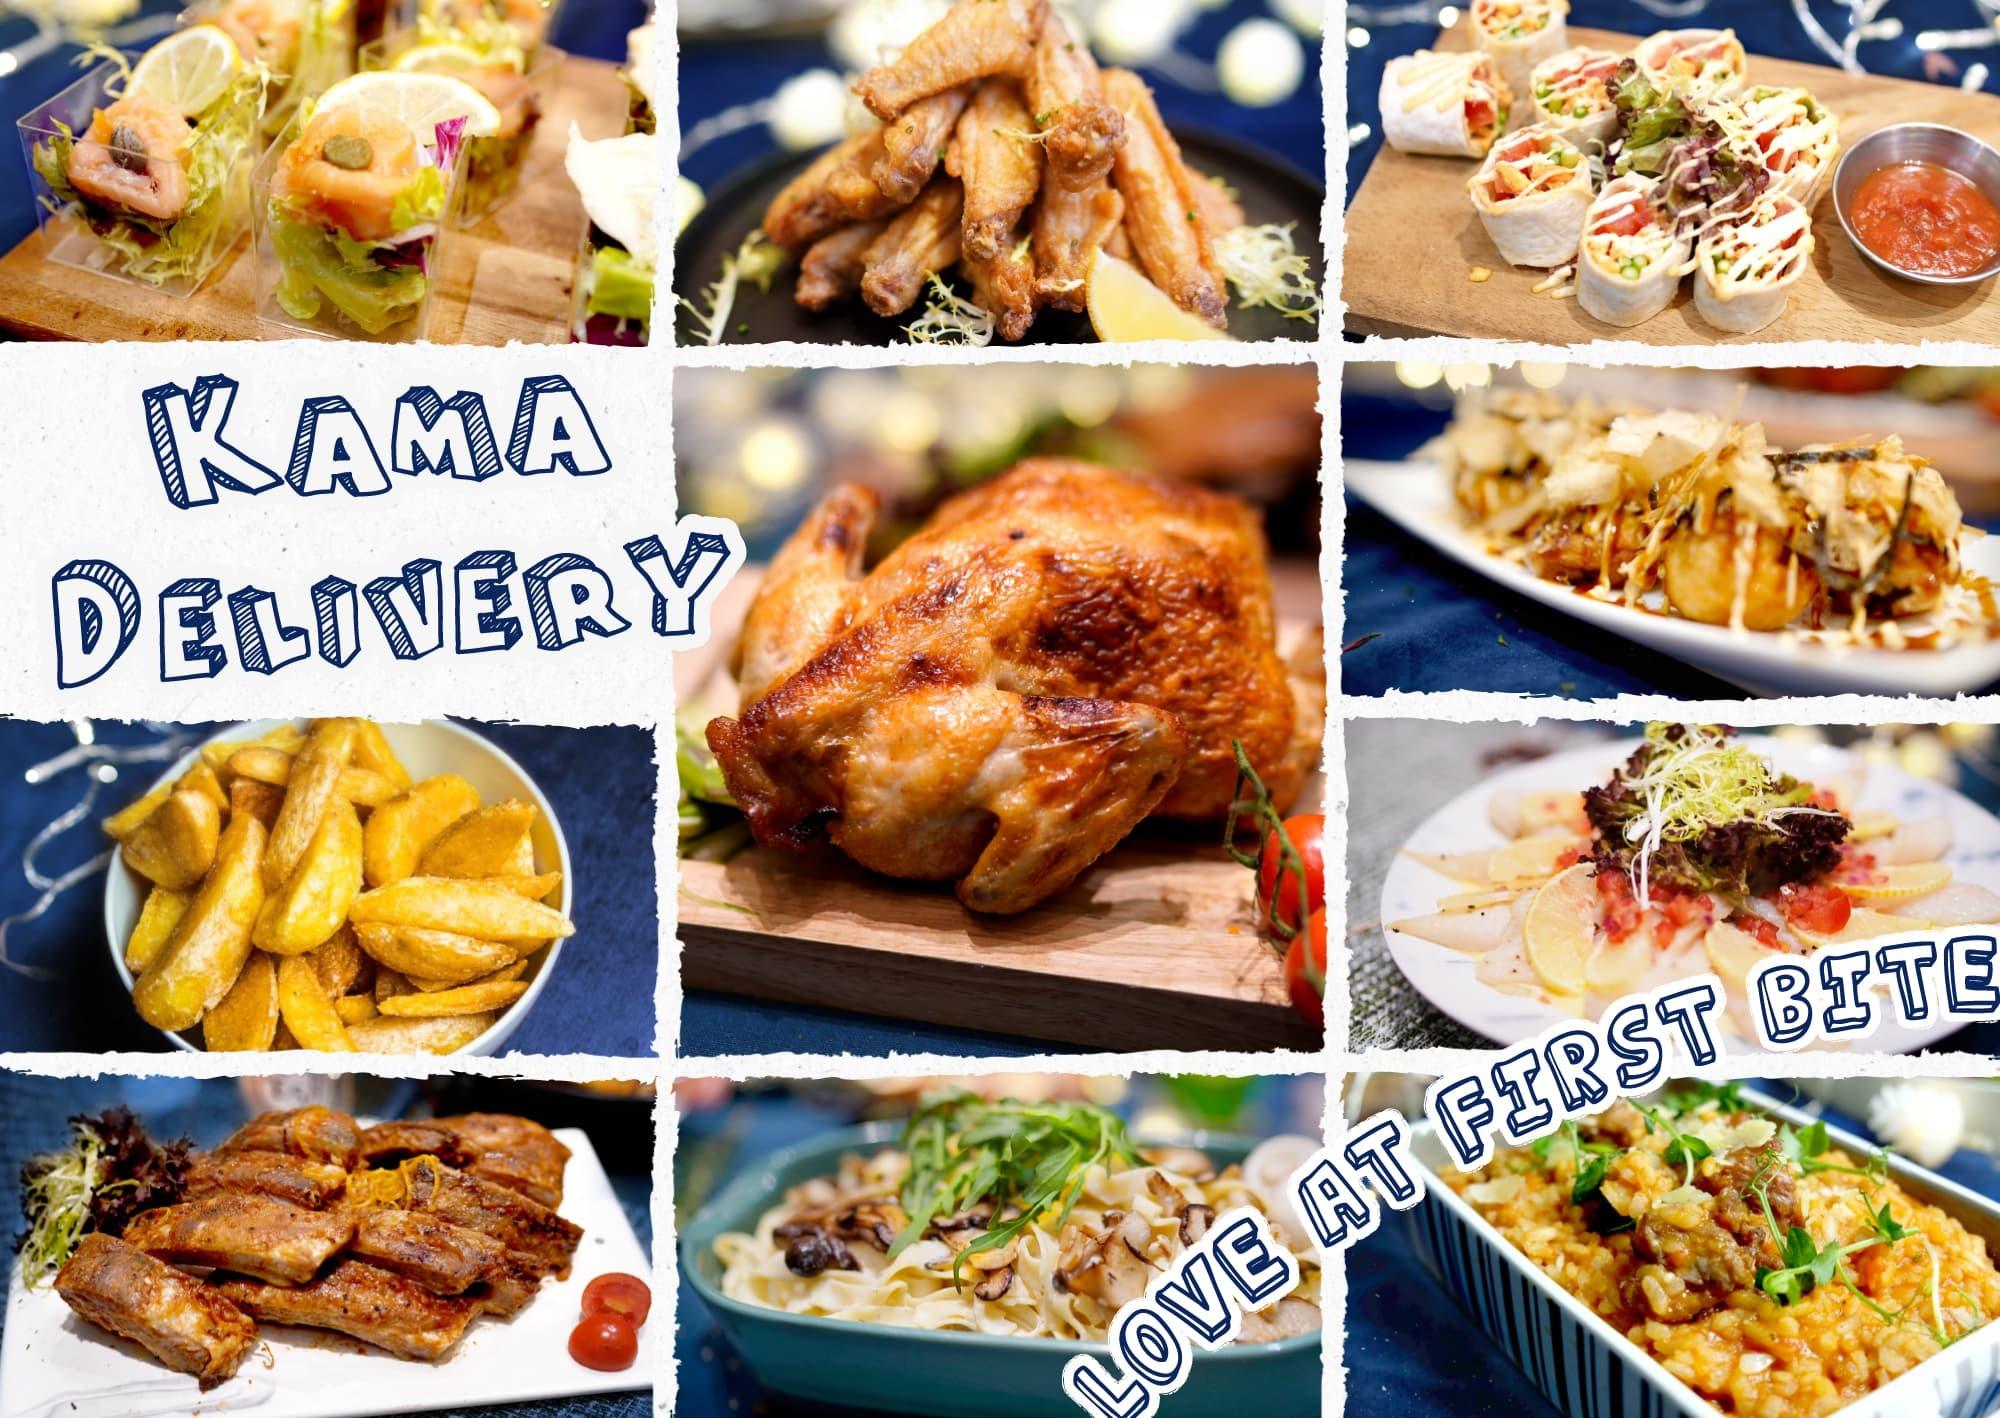 爸爸節外賣到會2021 Kama Delivery外賣美食直送府上,讓你省下功夫都能與爸爸慶祝!